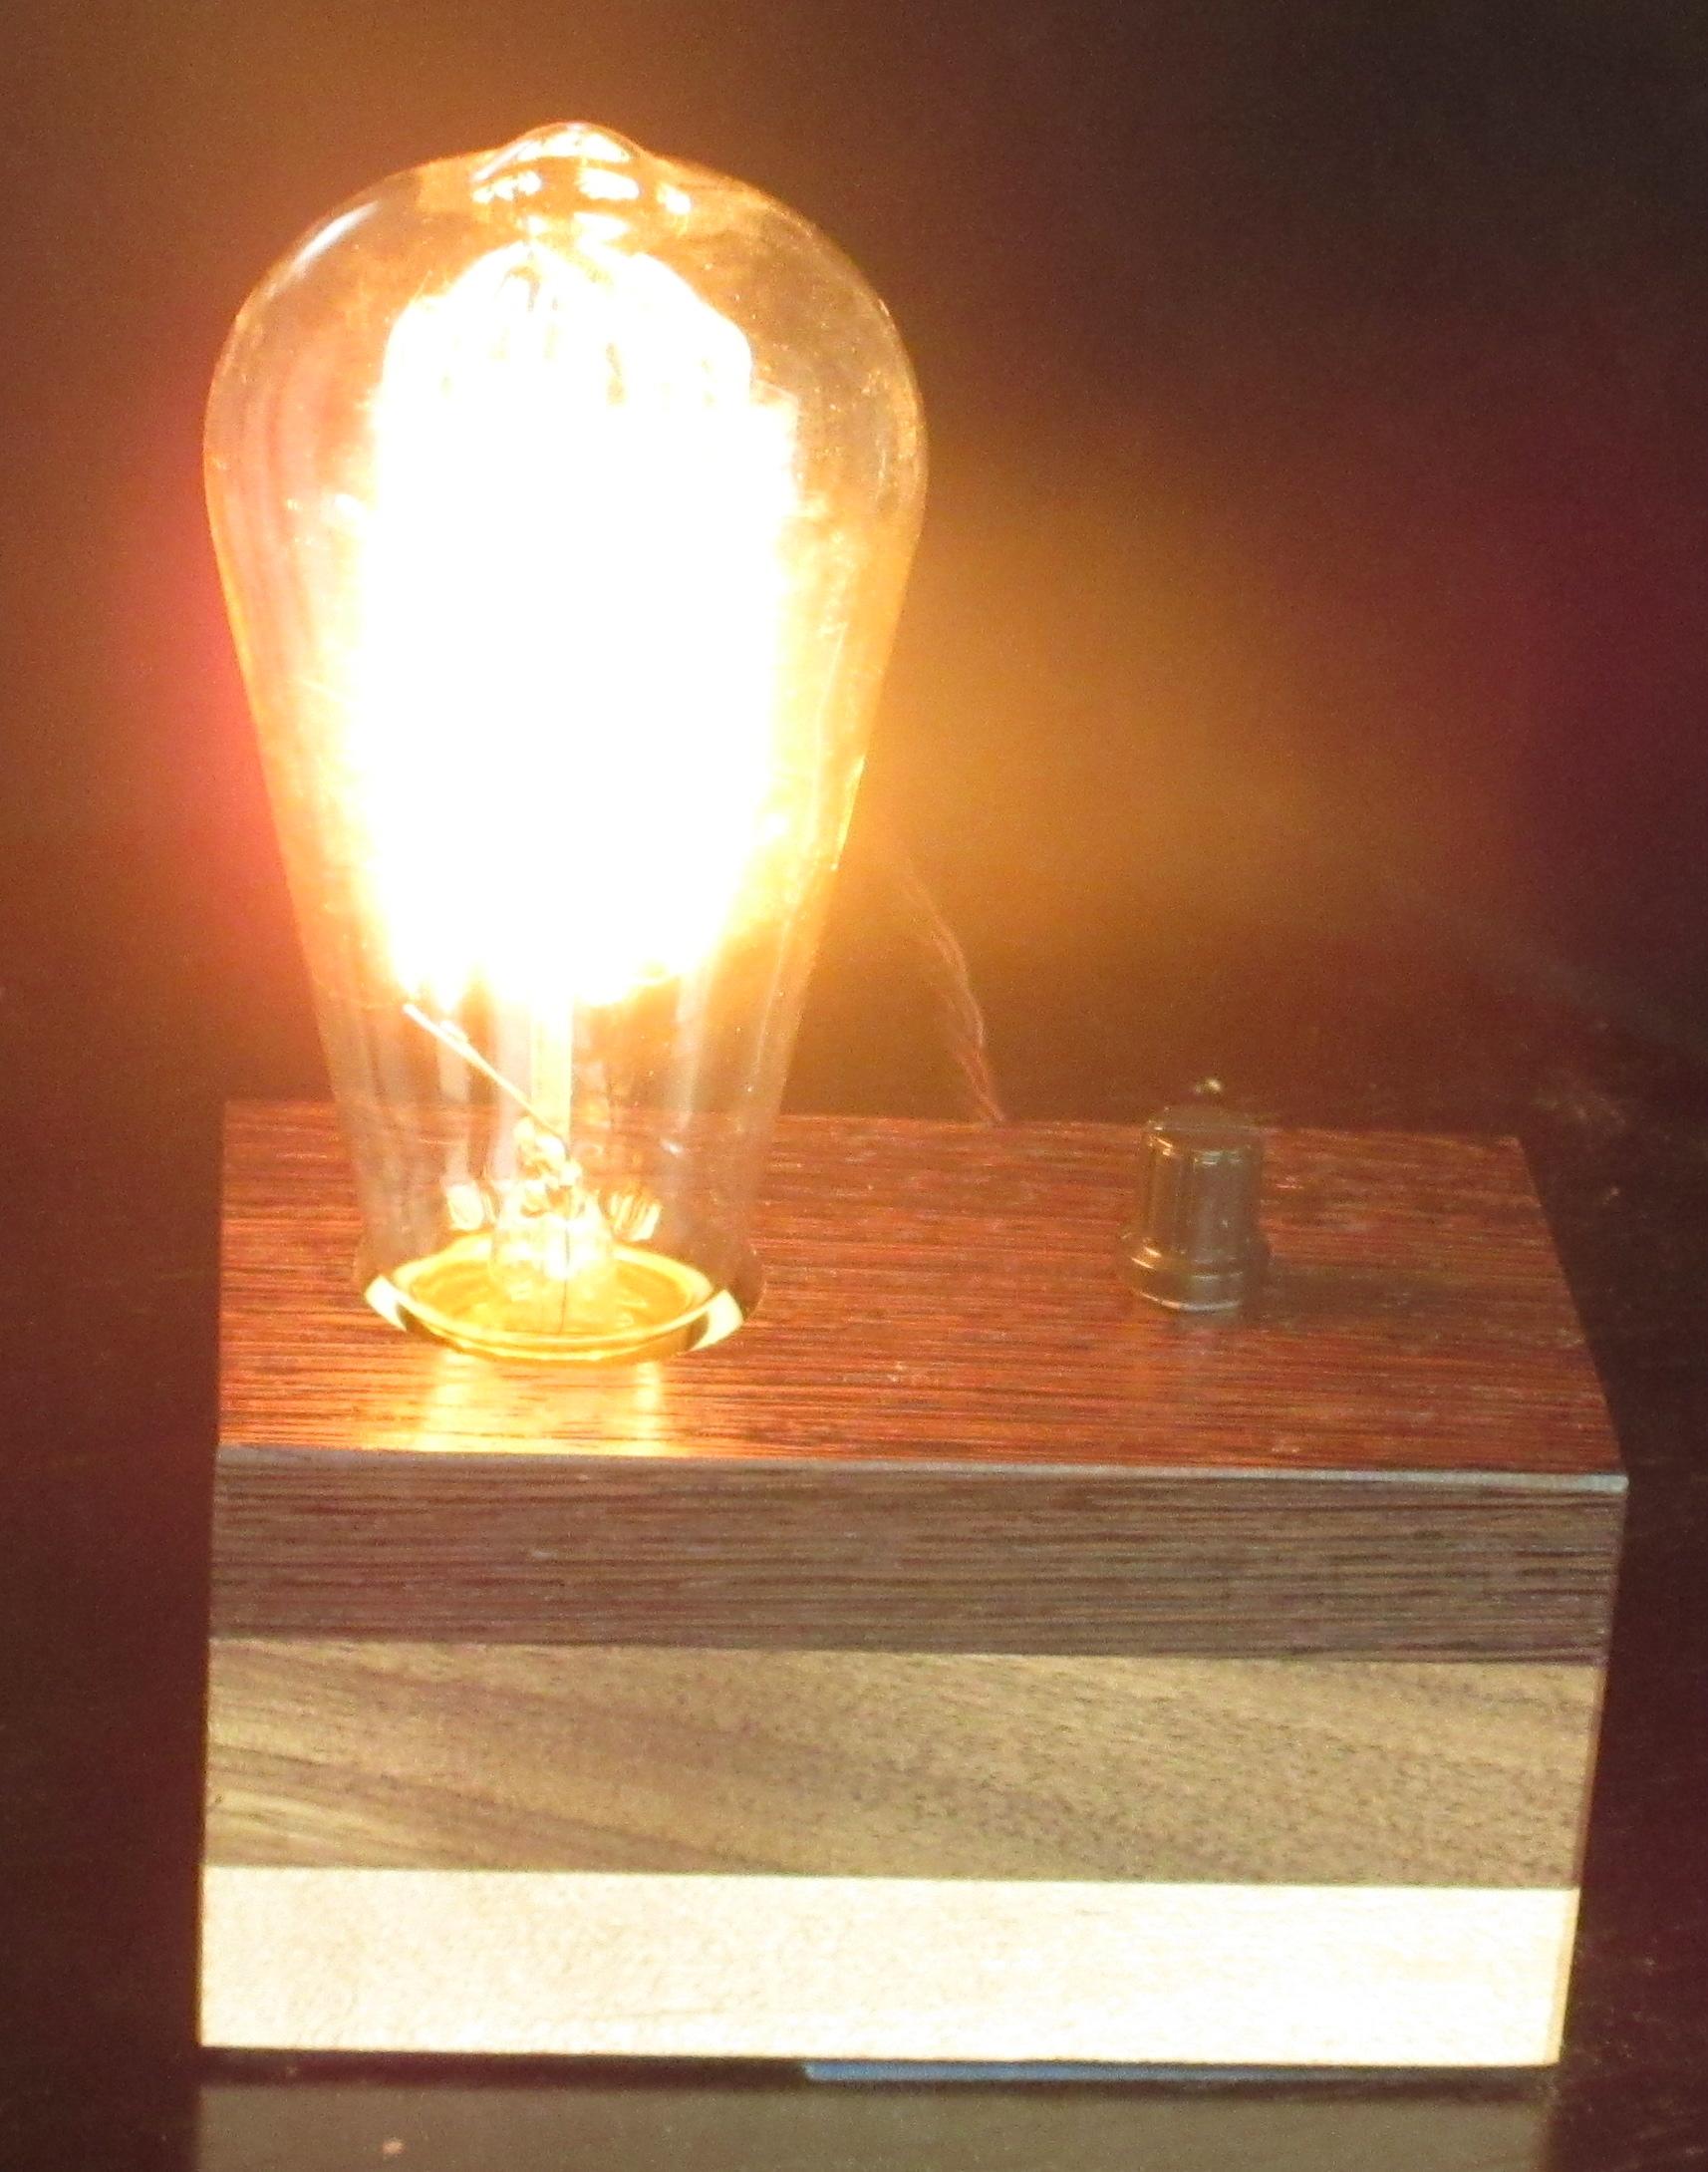 Wenge, Walnut, & Maple - 1 lamp